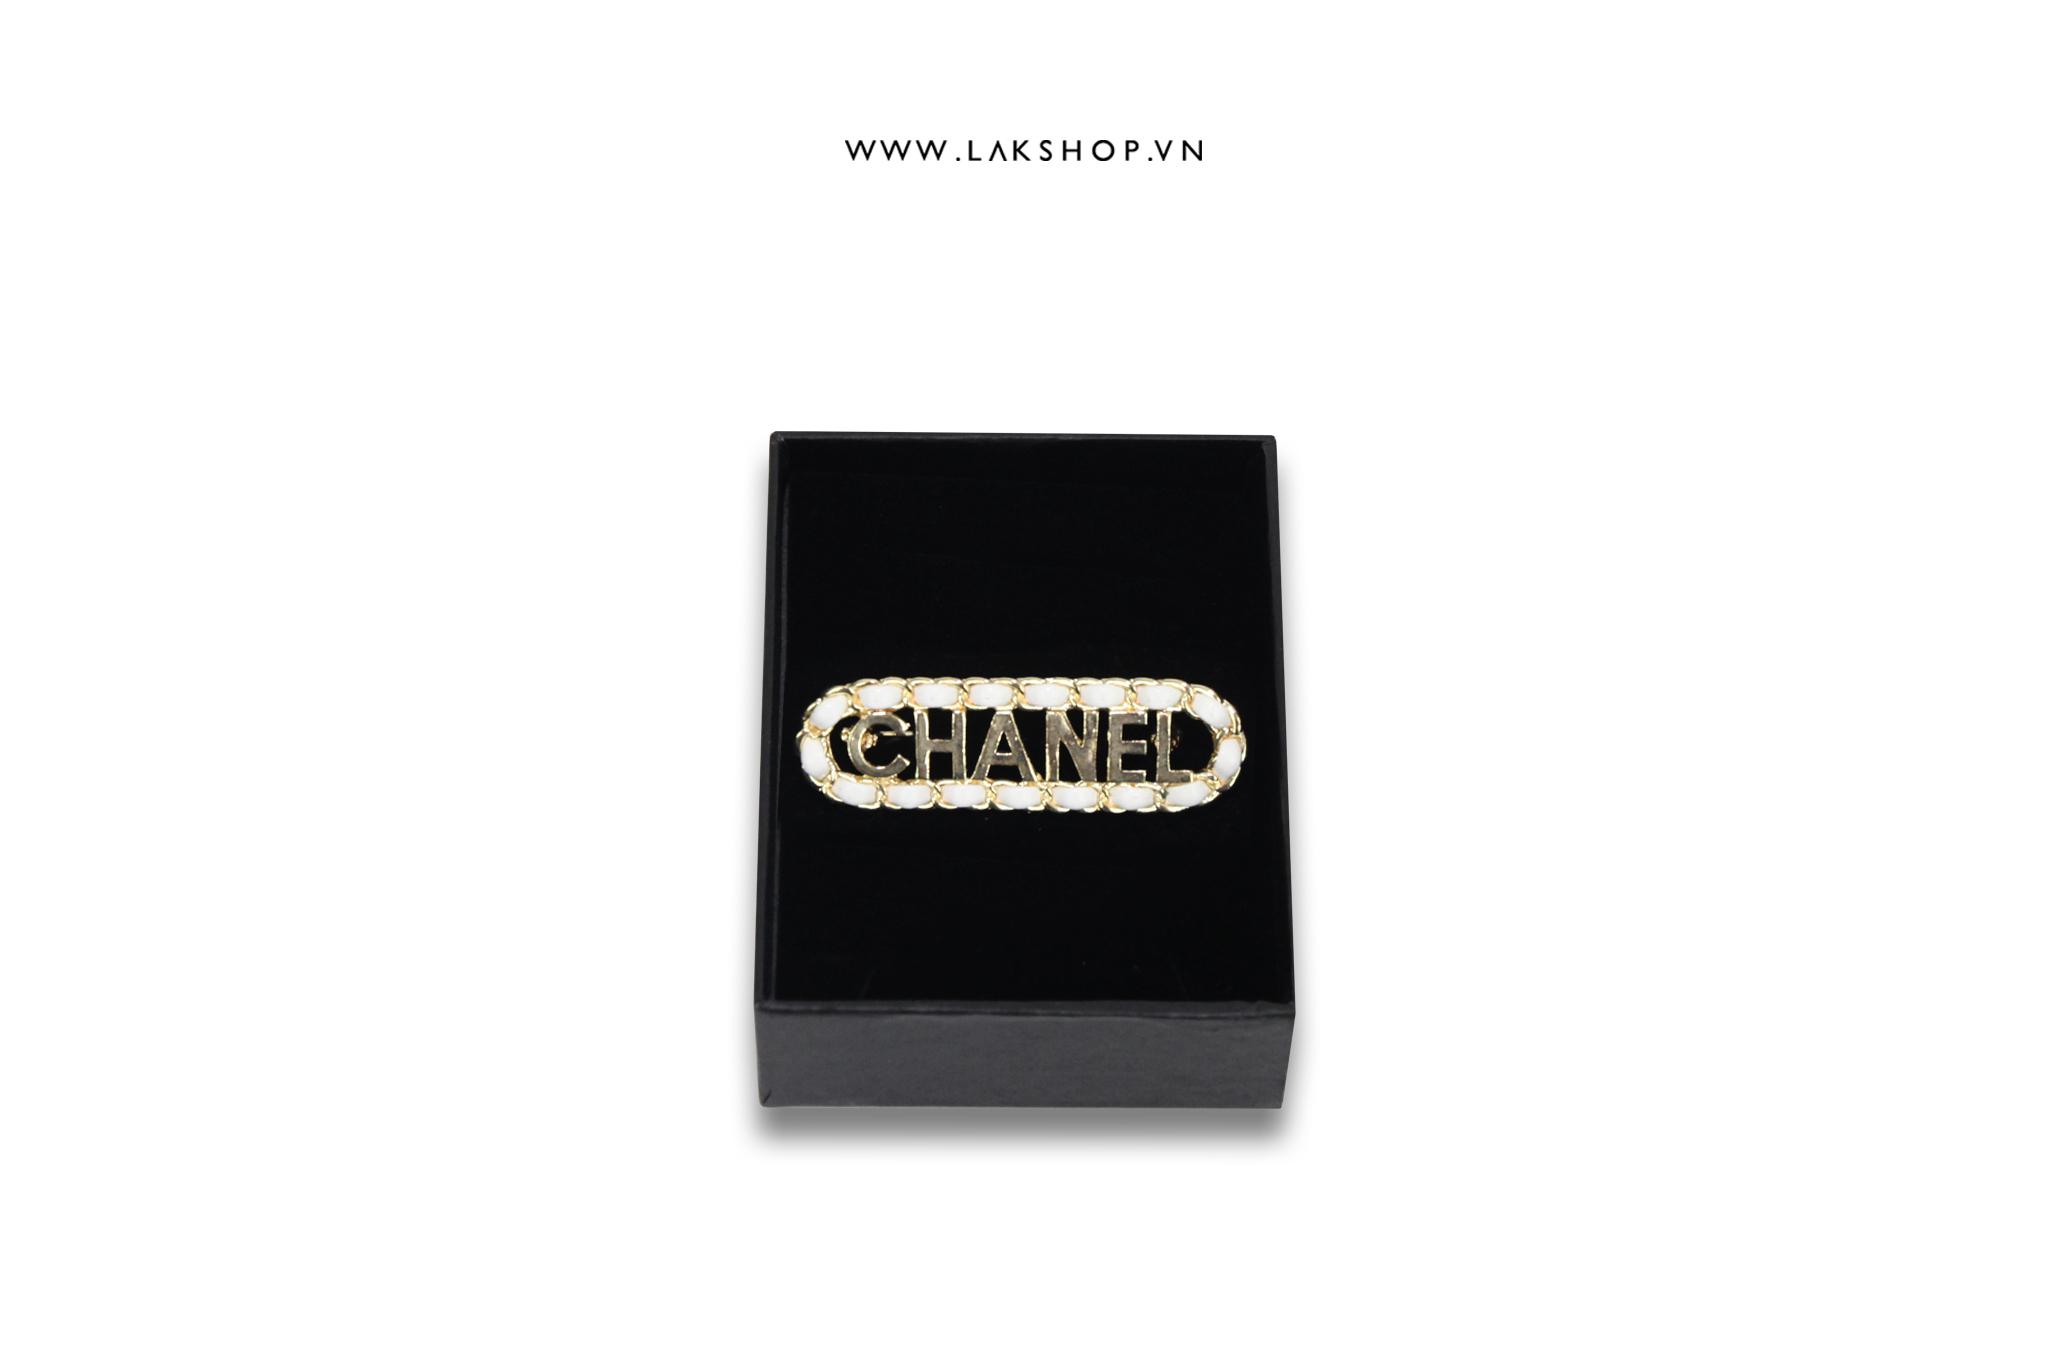 Trâm Cài Chanel Logo Dài viền da trắng